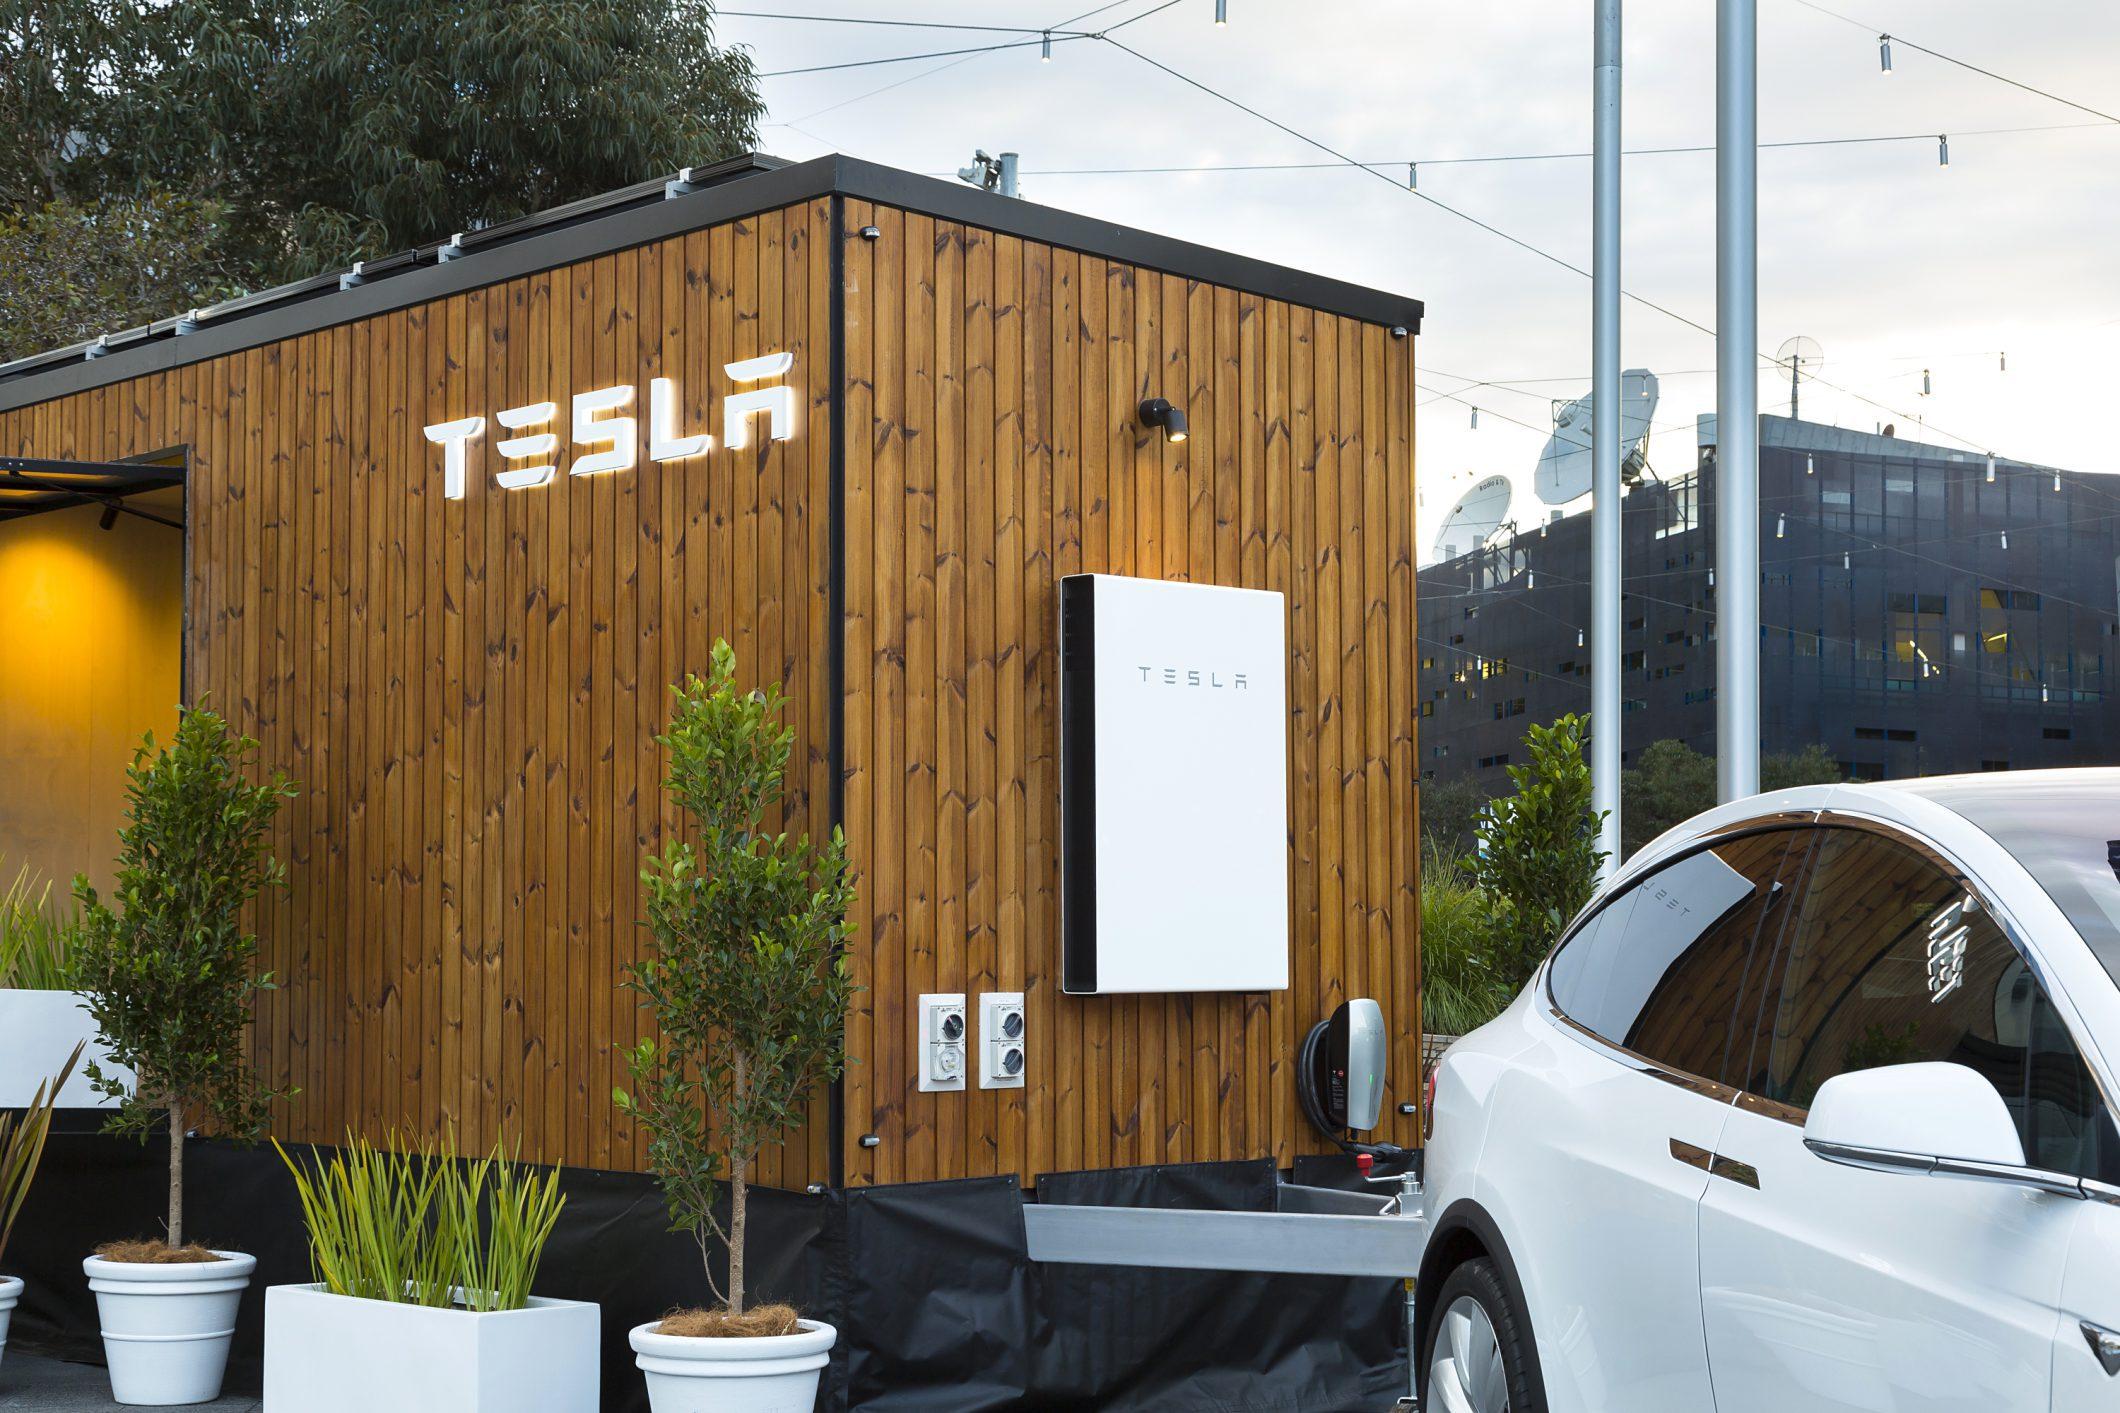 Tesla створила будинок із технологіями майбутнього